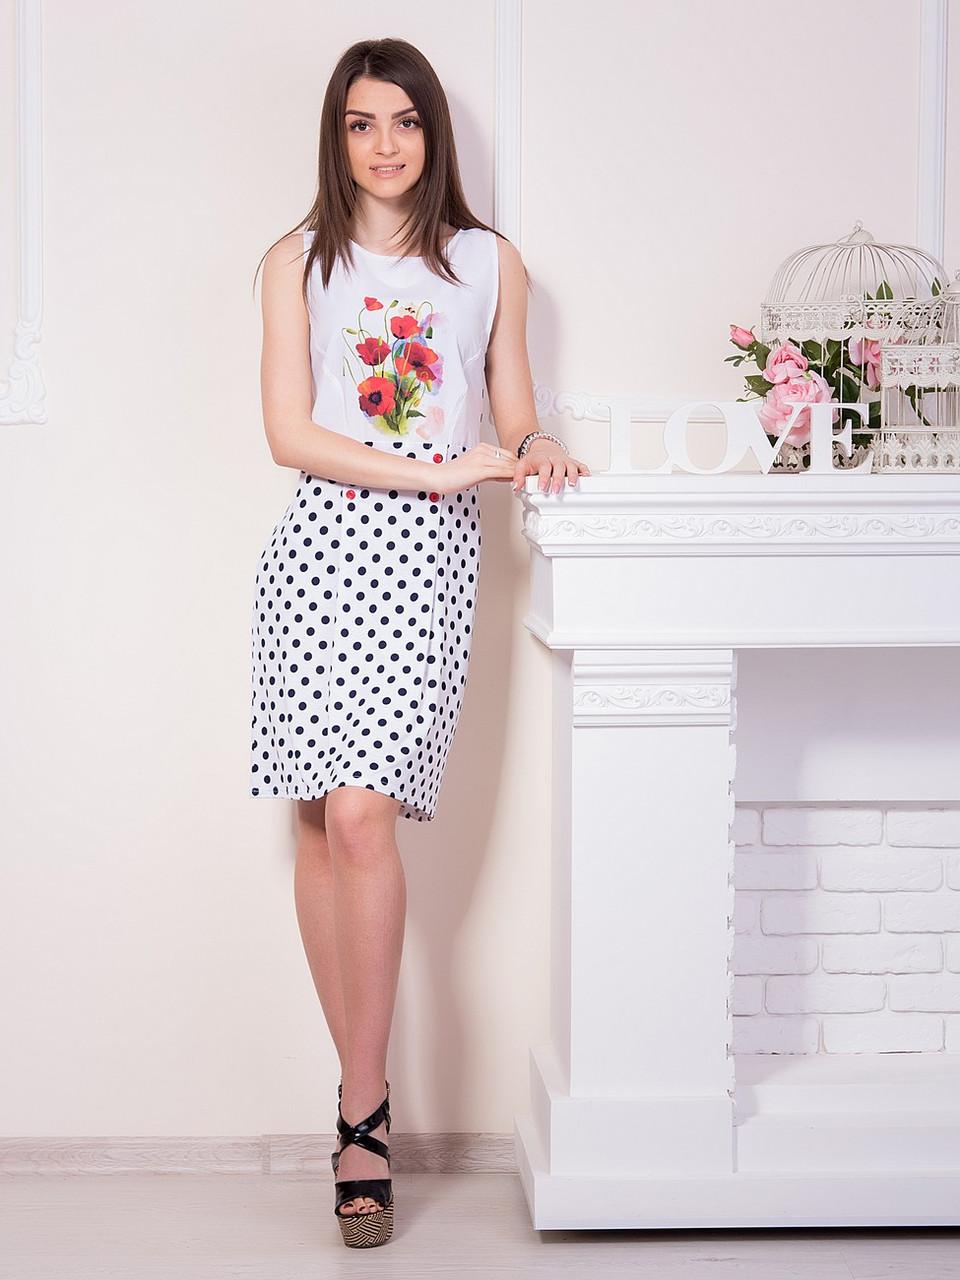 703d6855109 Летнее платье с маками в горошек - оптово - розничный интернет - магазин